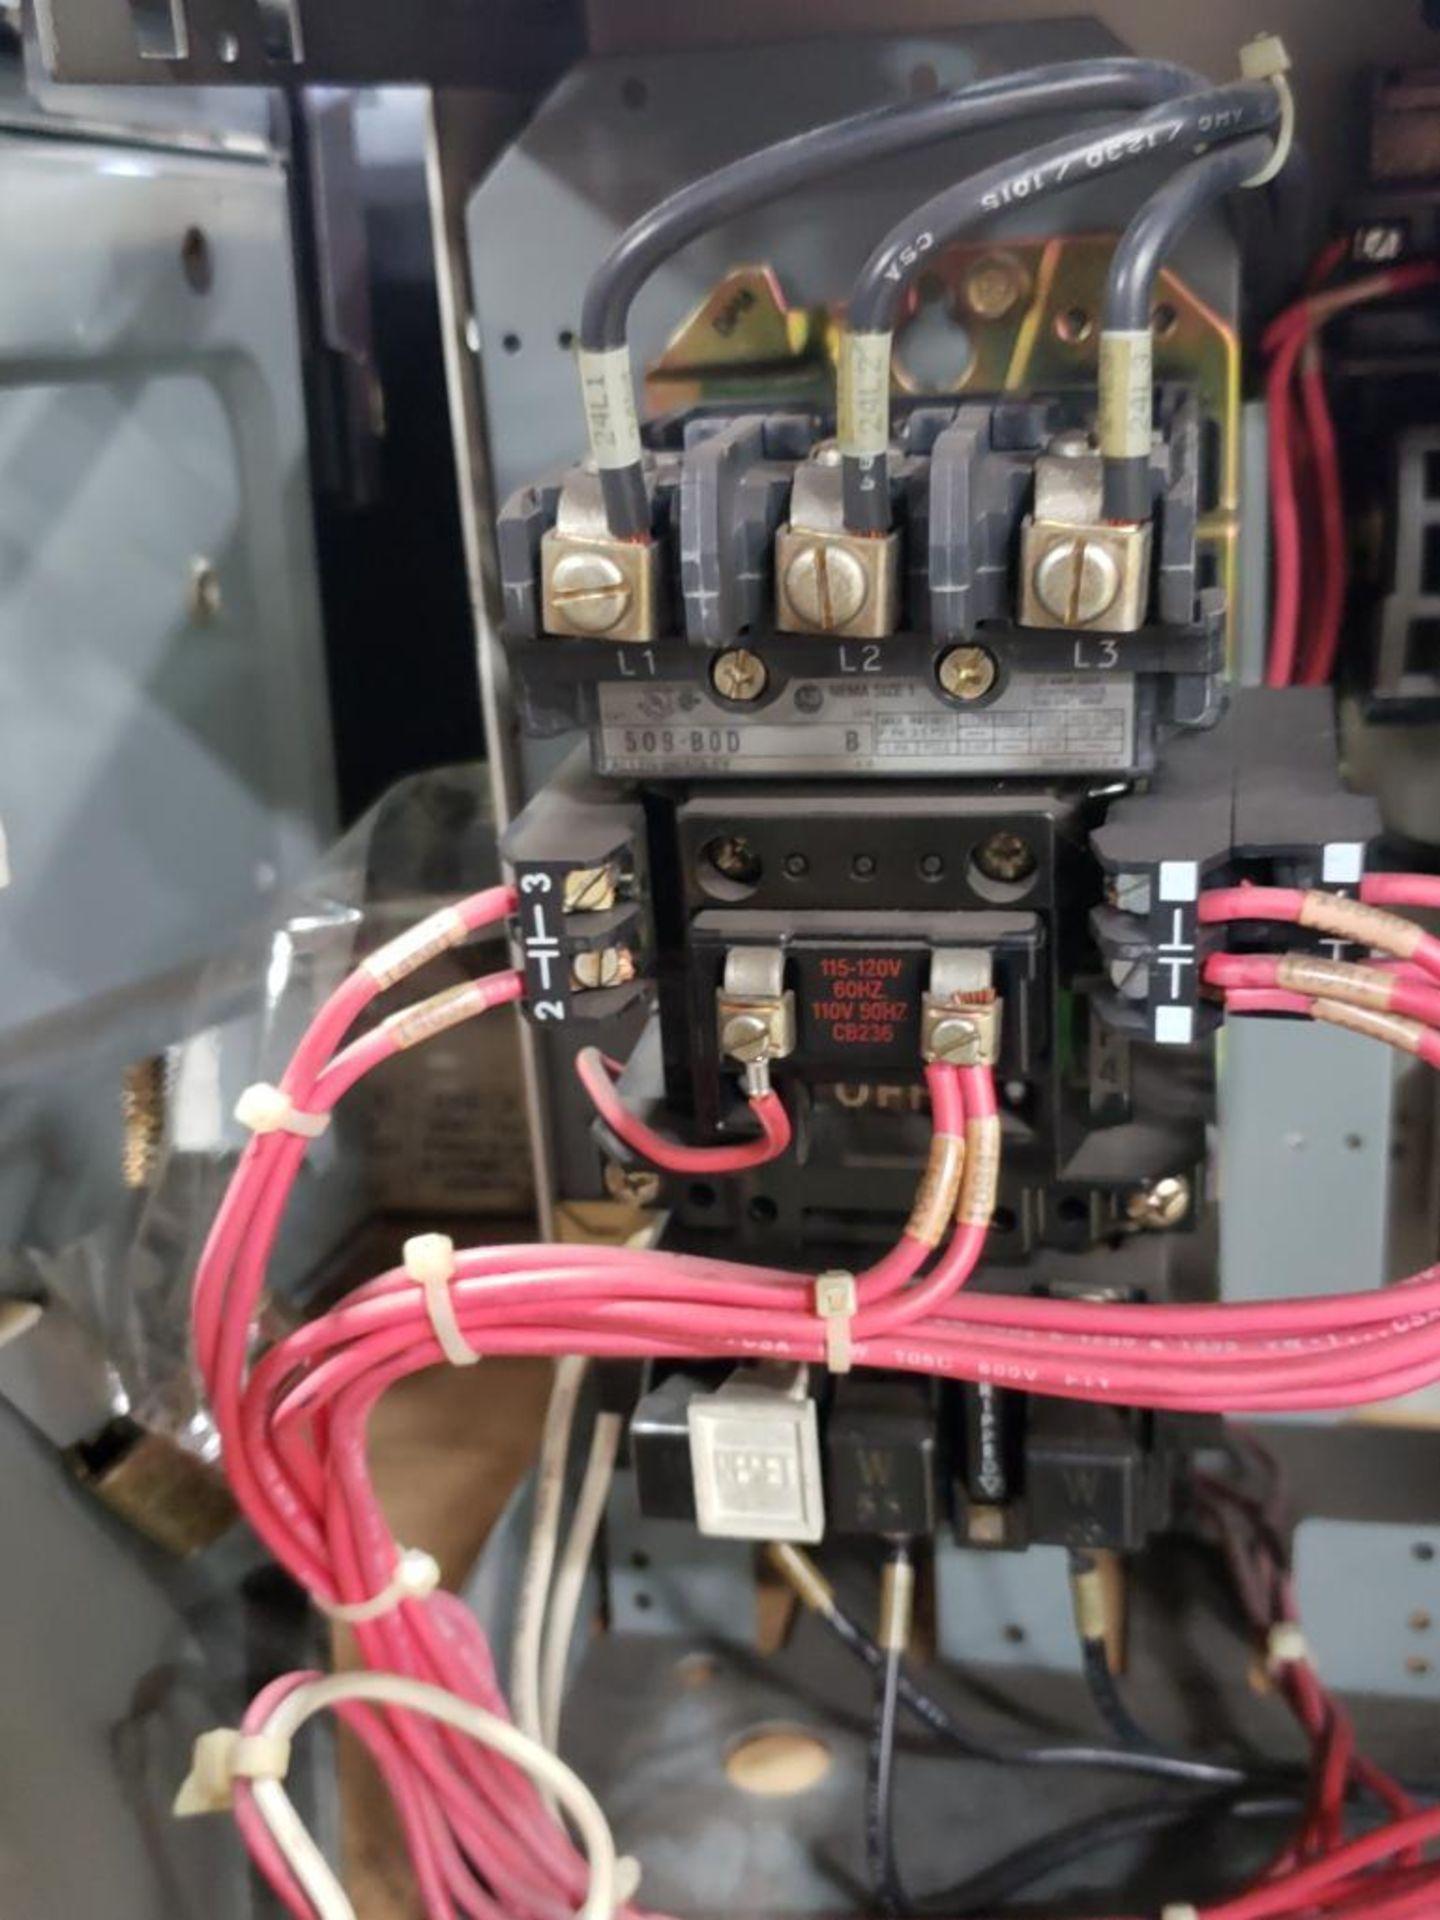 Qty 3 - Allen Bradley Motor Control bucket. 211A-B080-48-24R-41-98. - Image 4 of 6